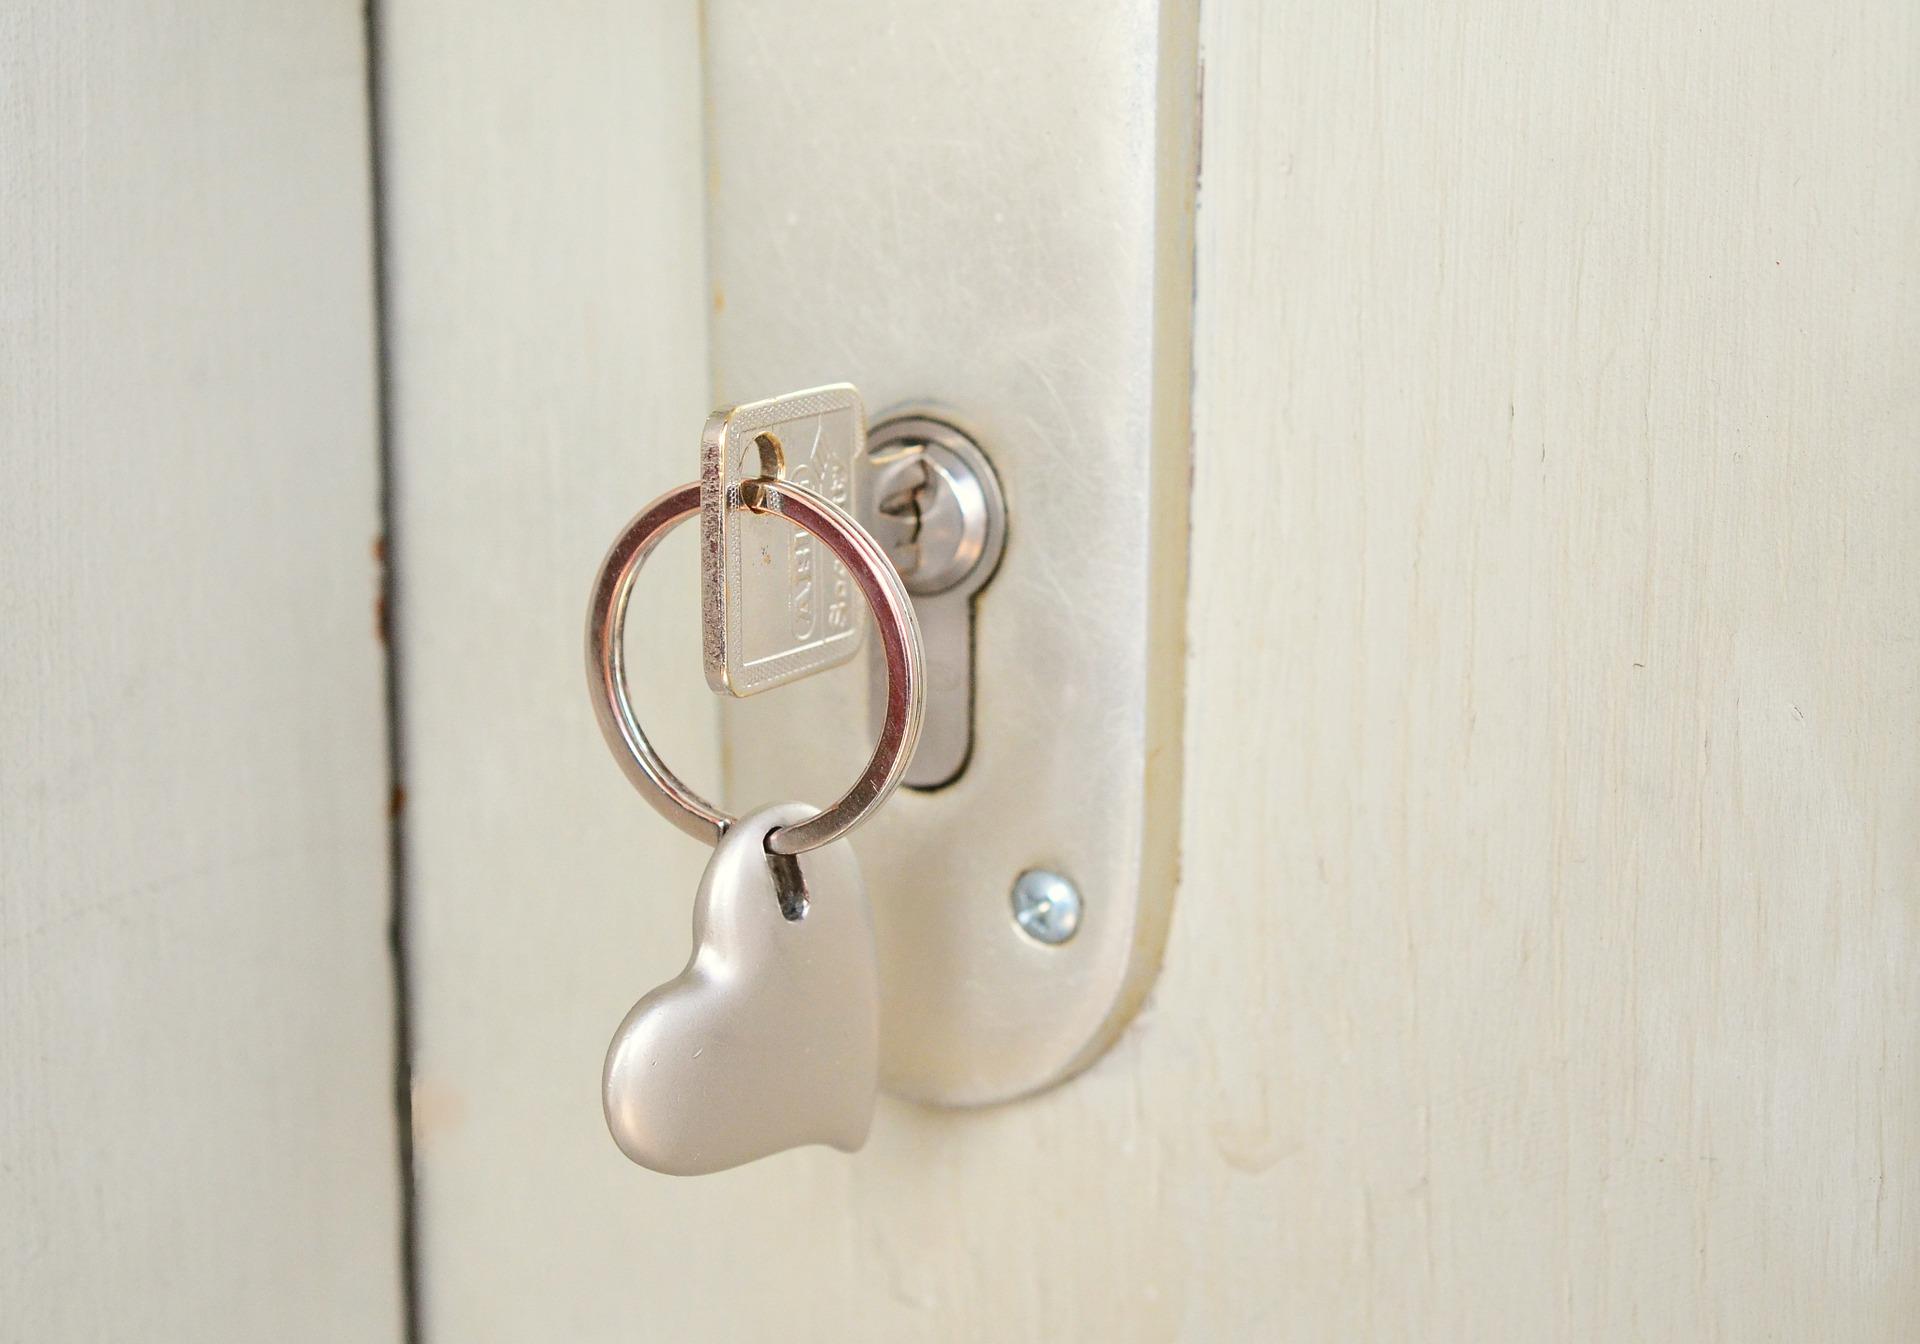 key-677851_1920